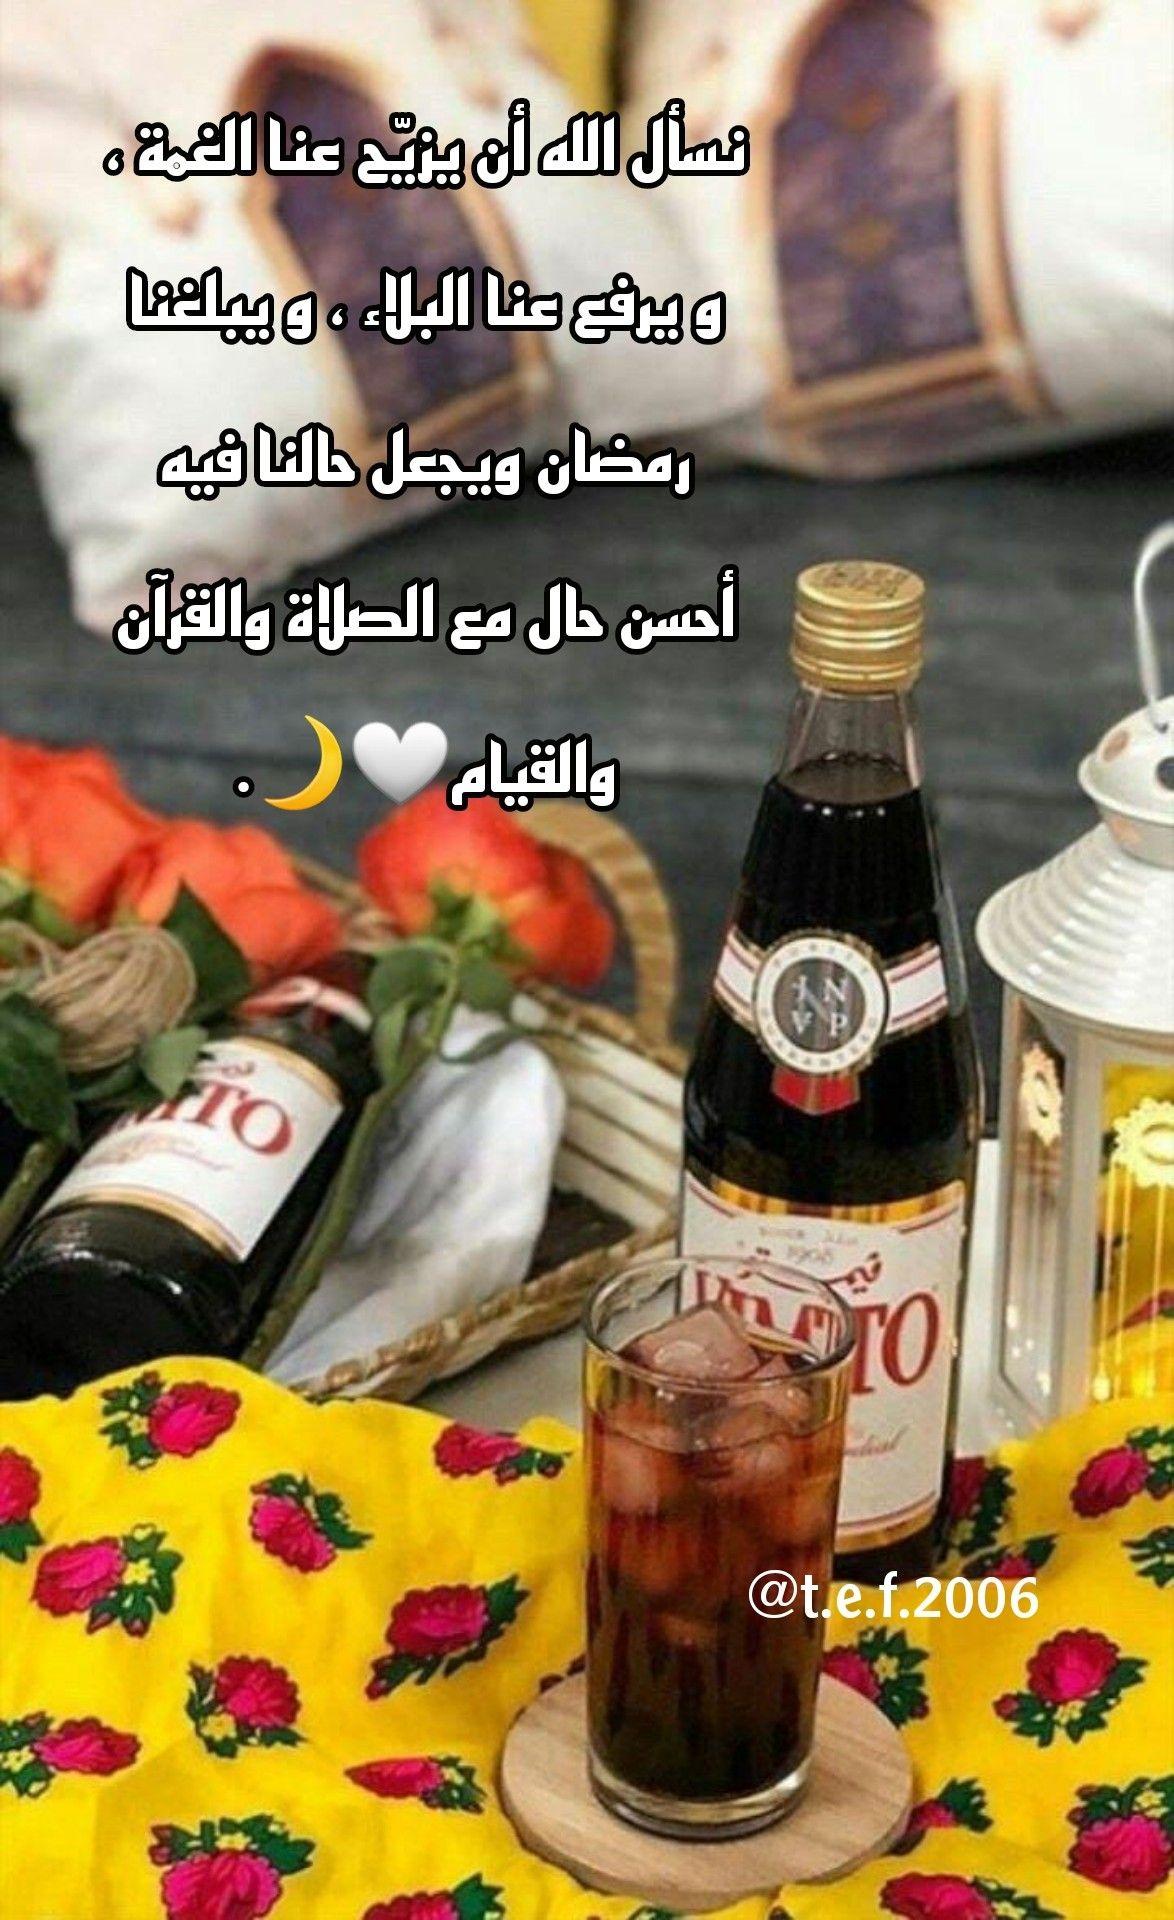 عبارات رمضانية رمضان In 2021